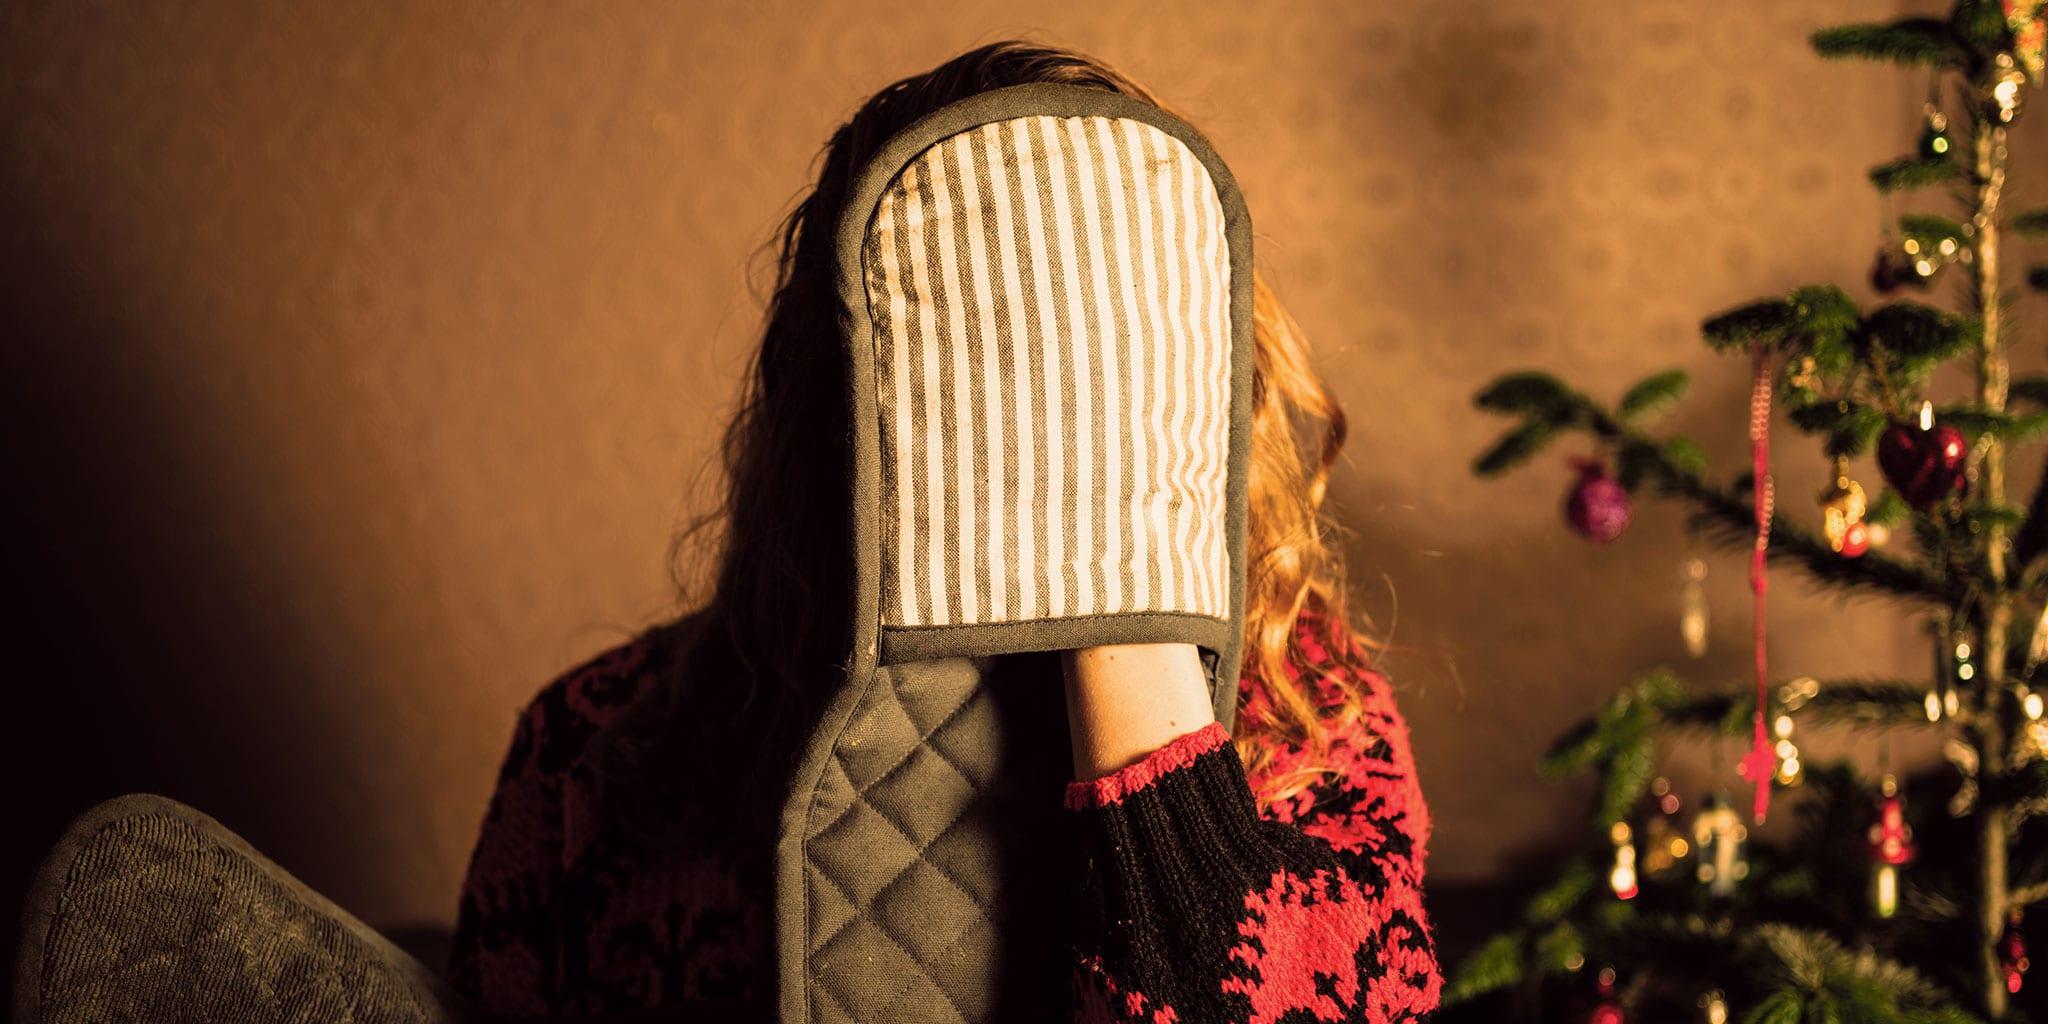 Vrouw met een ovenwant die haar gezicht bedekt